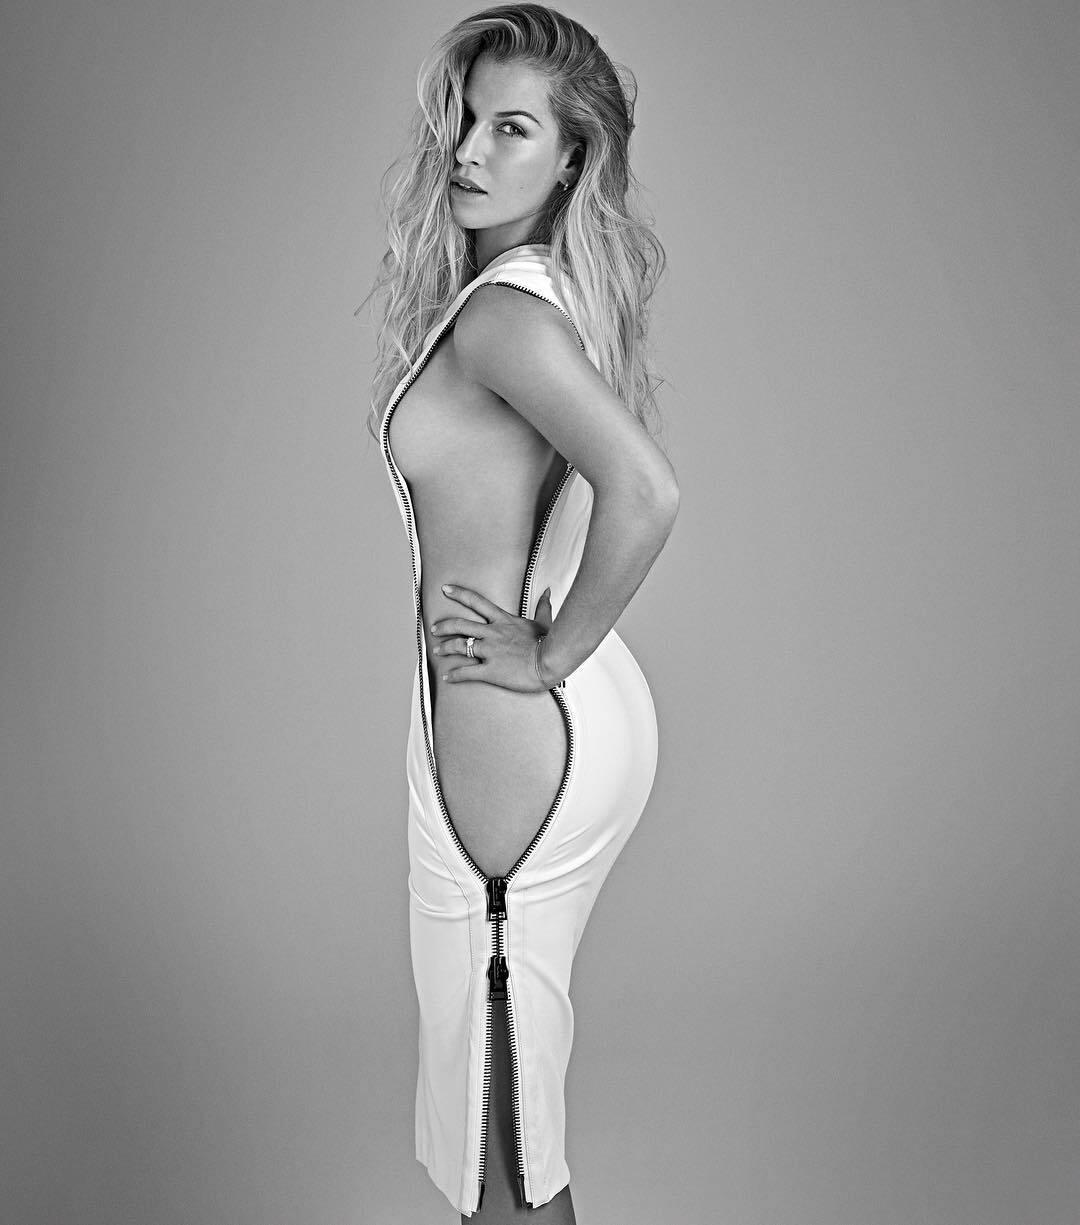 Знаменита тенісистка викликала фурор своїм фото без нижньої білизни